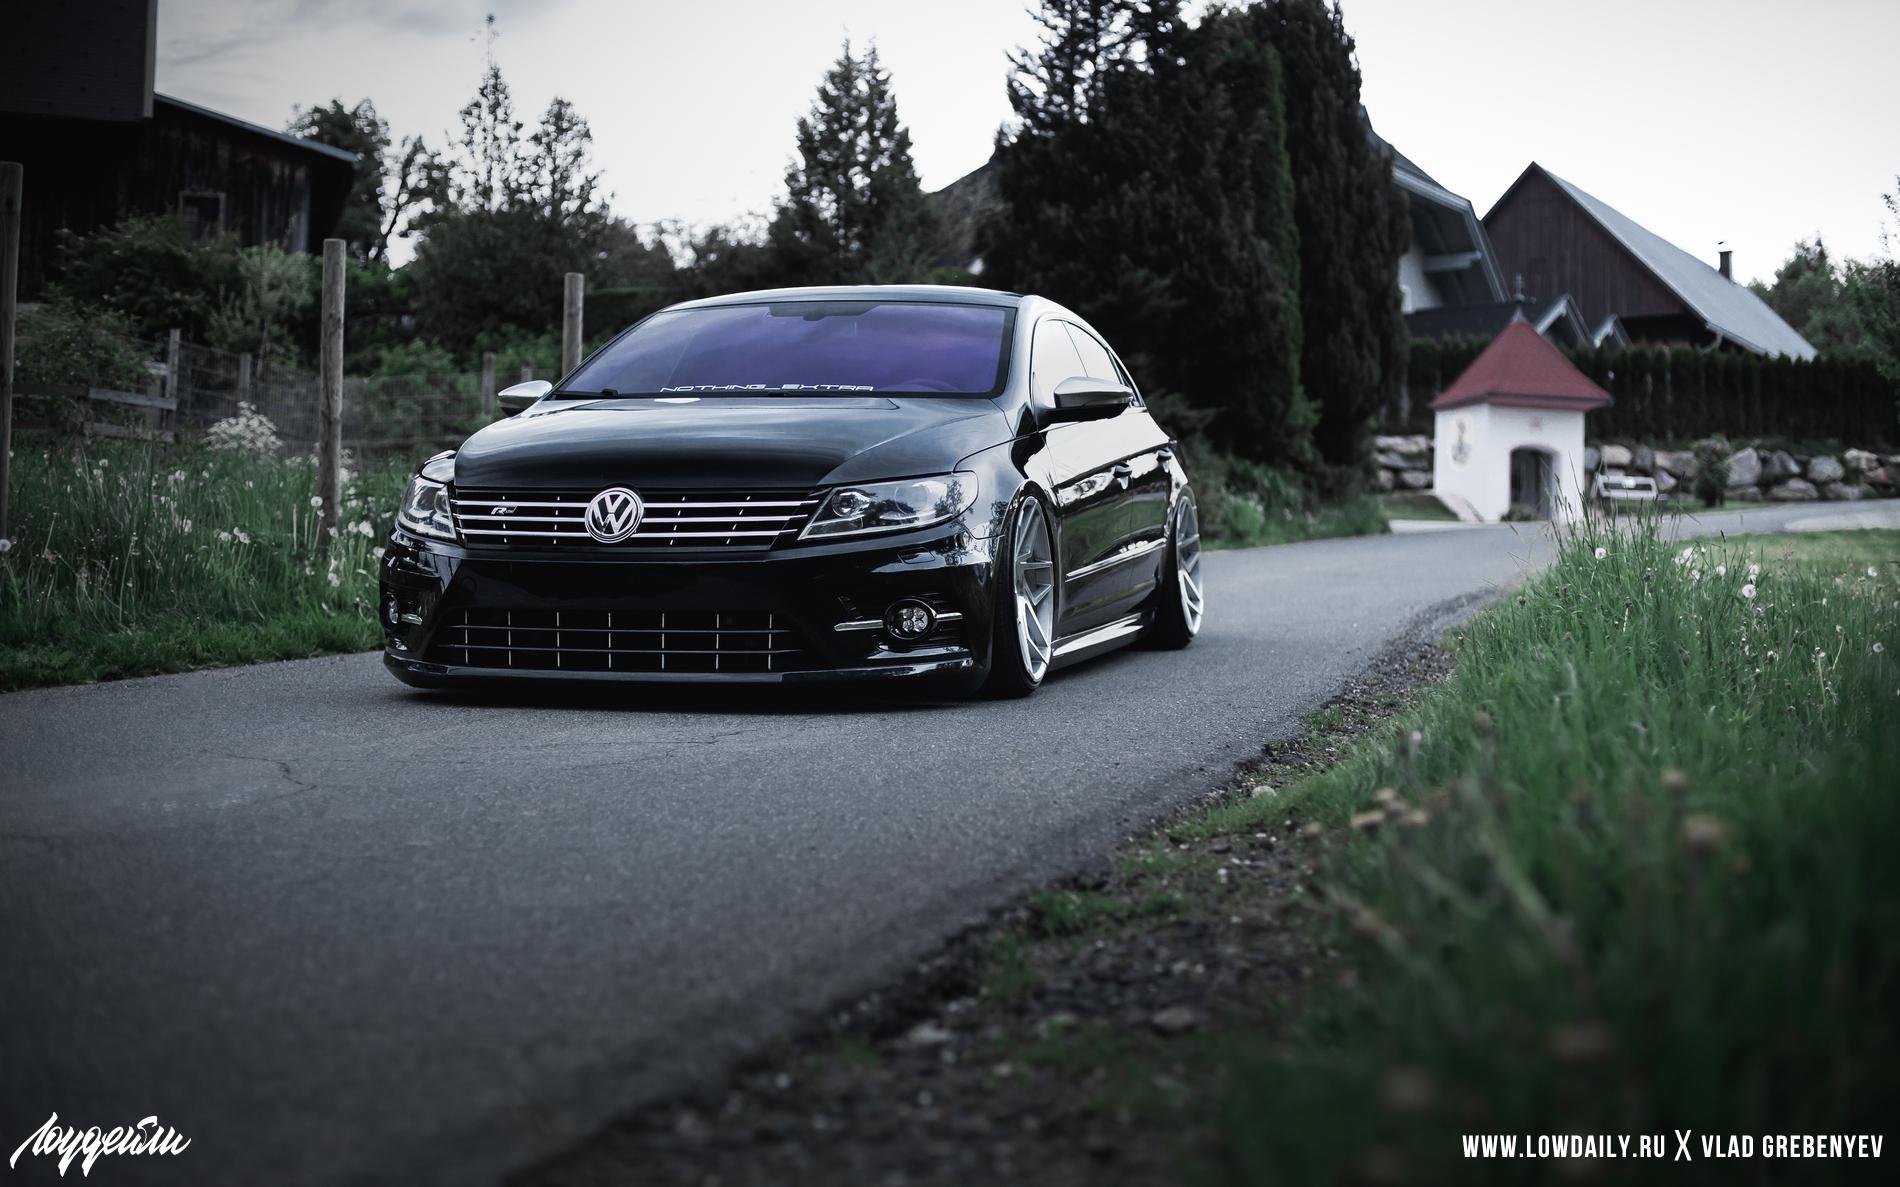 Volkswagen Passat Wörthersee 14